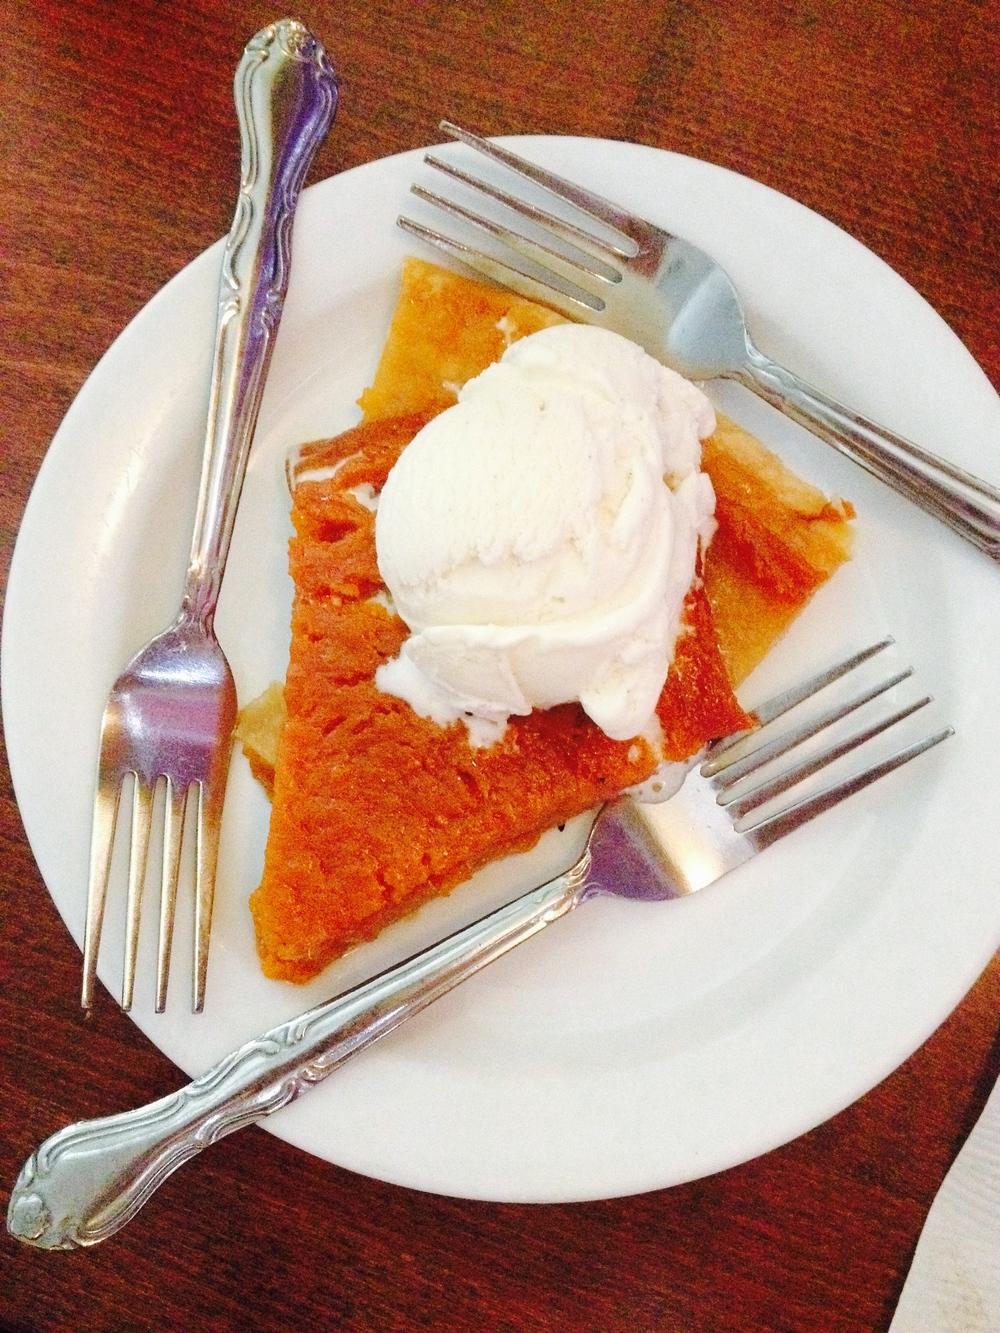 Sweet Potato Pie  à la mode.